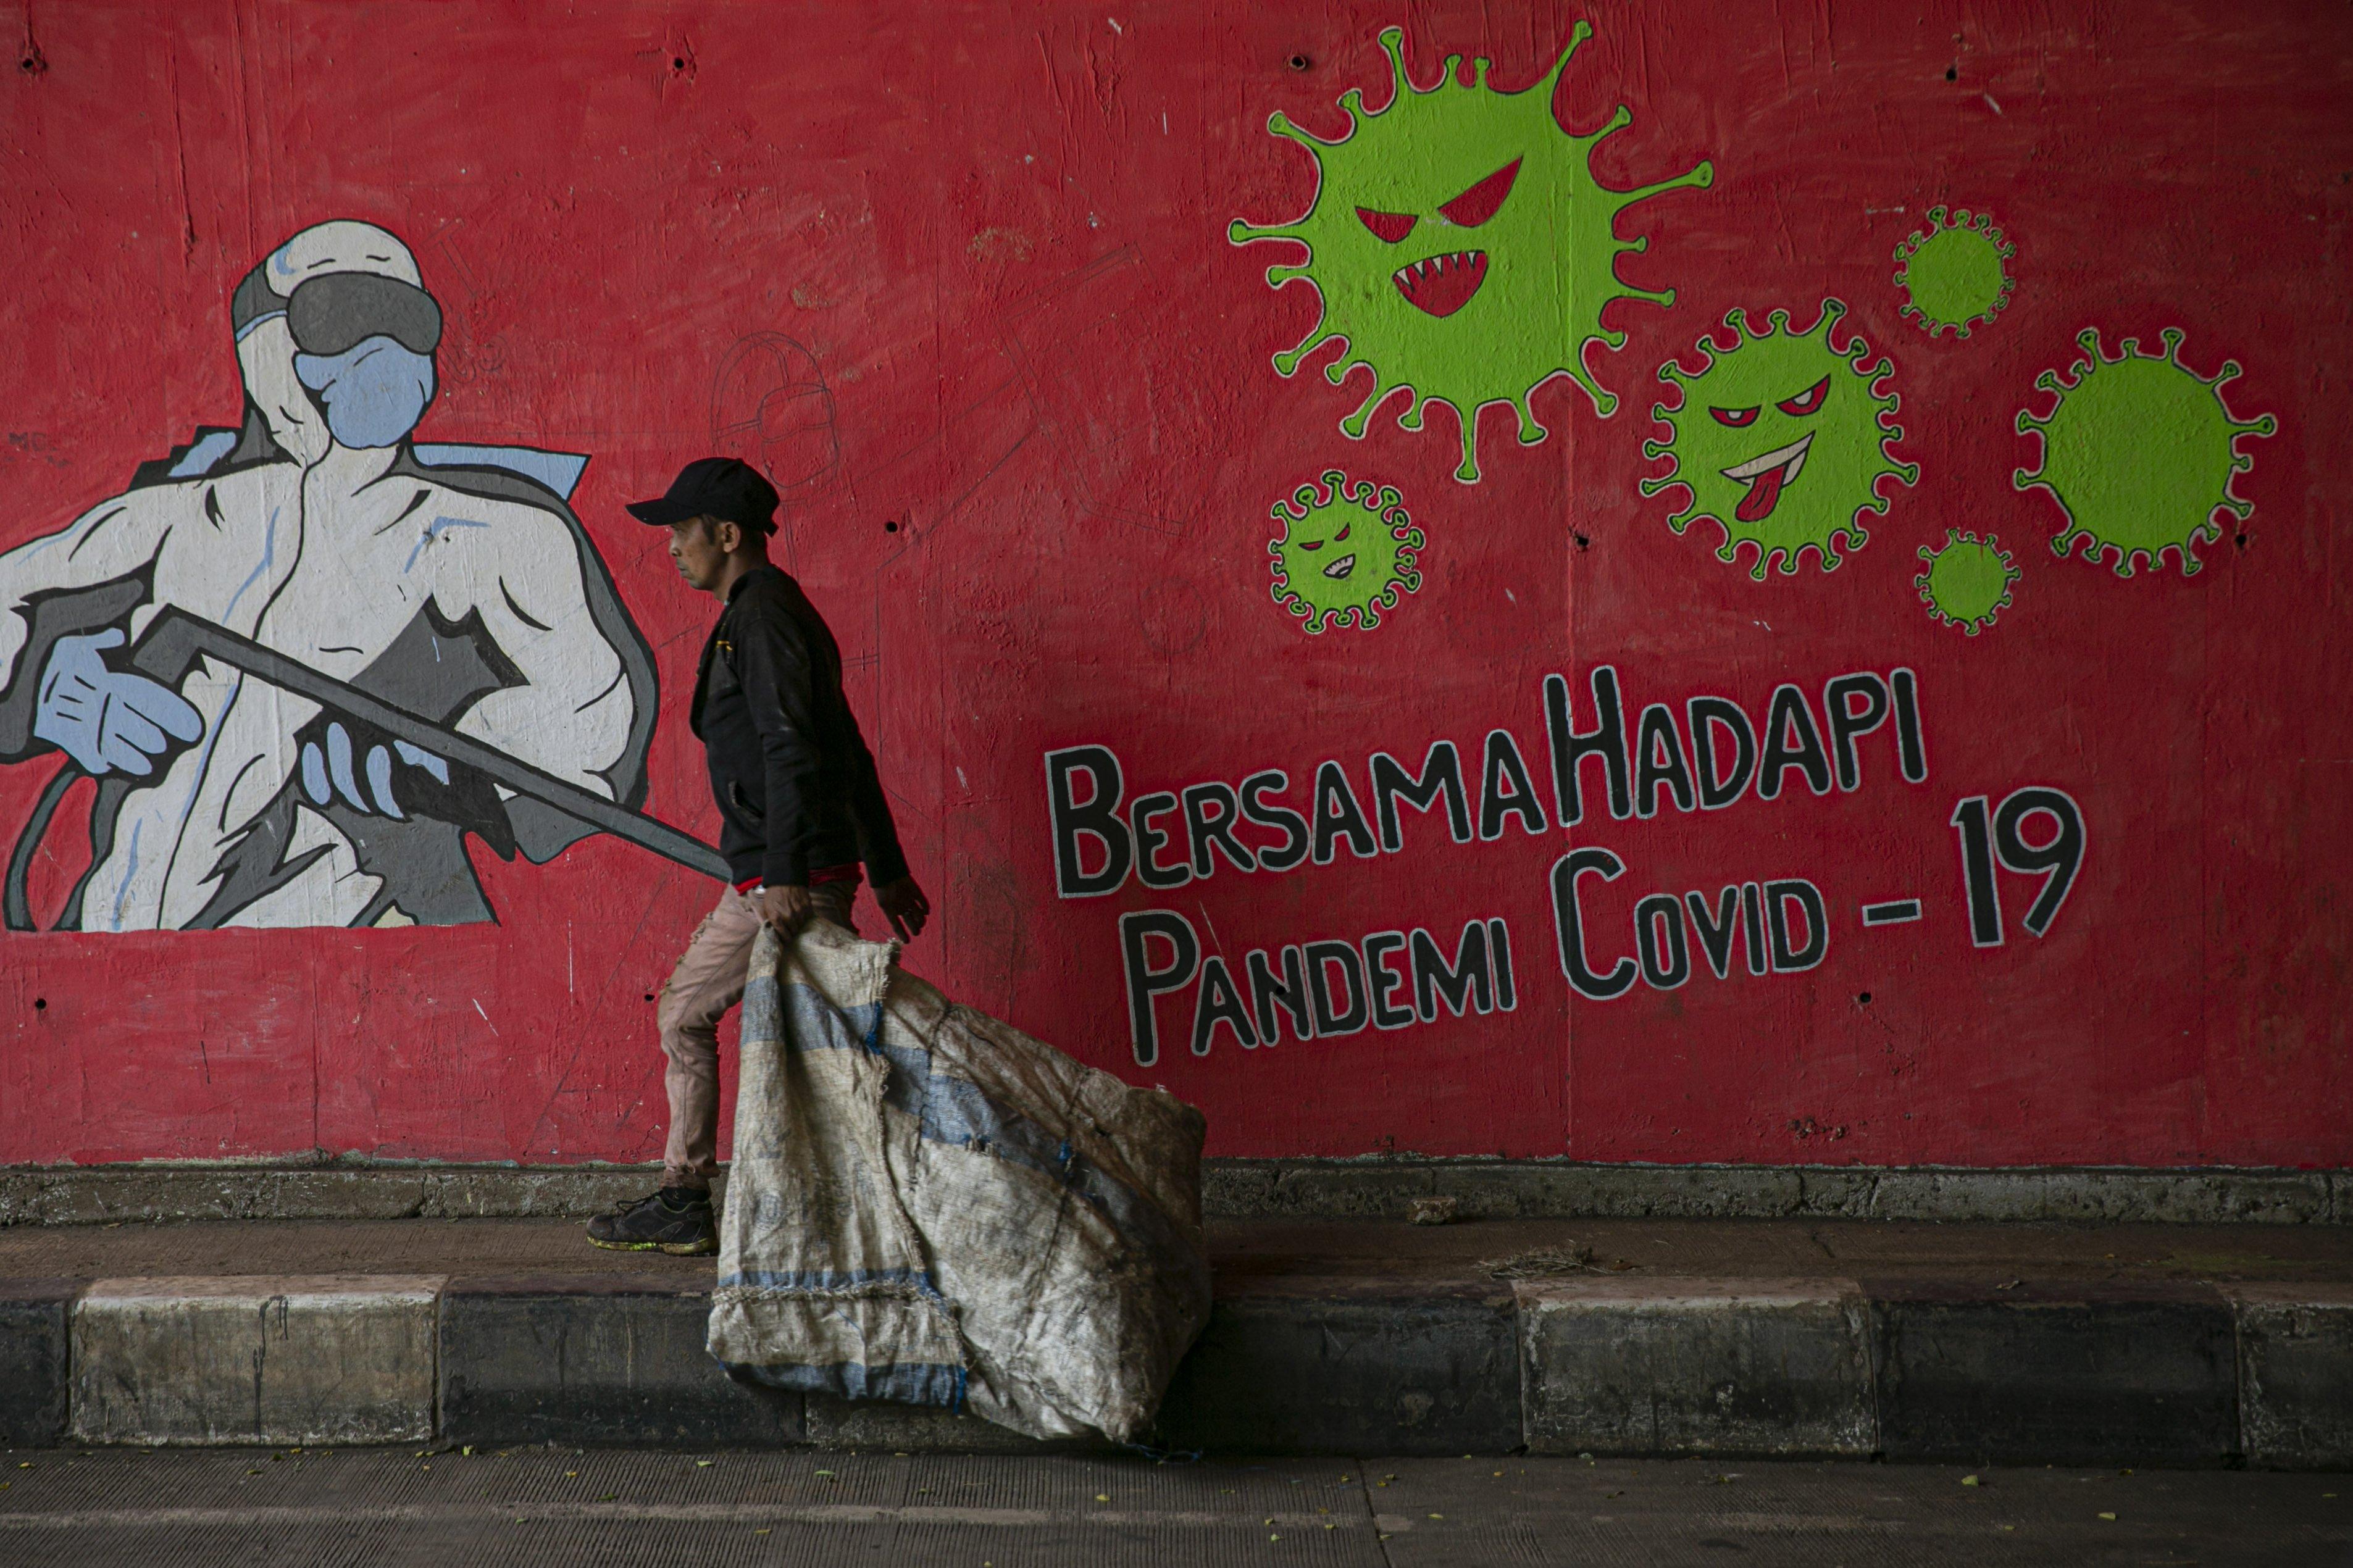 Warga melintas di depan mural tentang pandemi COVID-19 di kawasan Cipayung, Jakarta, Senin (19/10/2020). Indonesia menempati peringkat pertama kasus terbanyak dan angka kematian akibat COVID-19 di Asia Tenggara dengan total 361.867 kasus konfirmasi dan meninggal sebanyak 12.511.